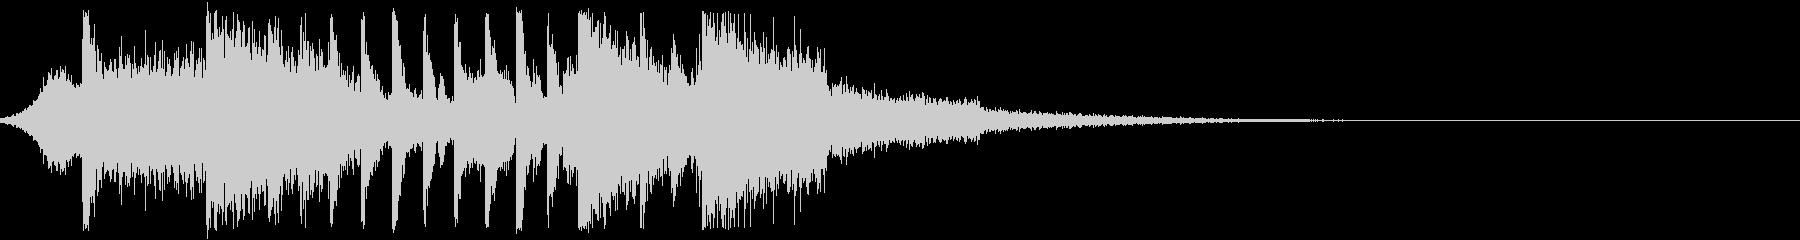 アグレッシブでハードなEDM系ジングル1の未再生の波形